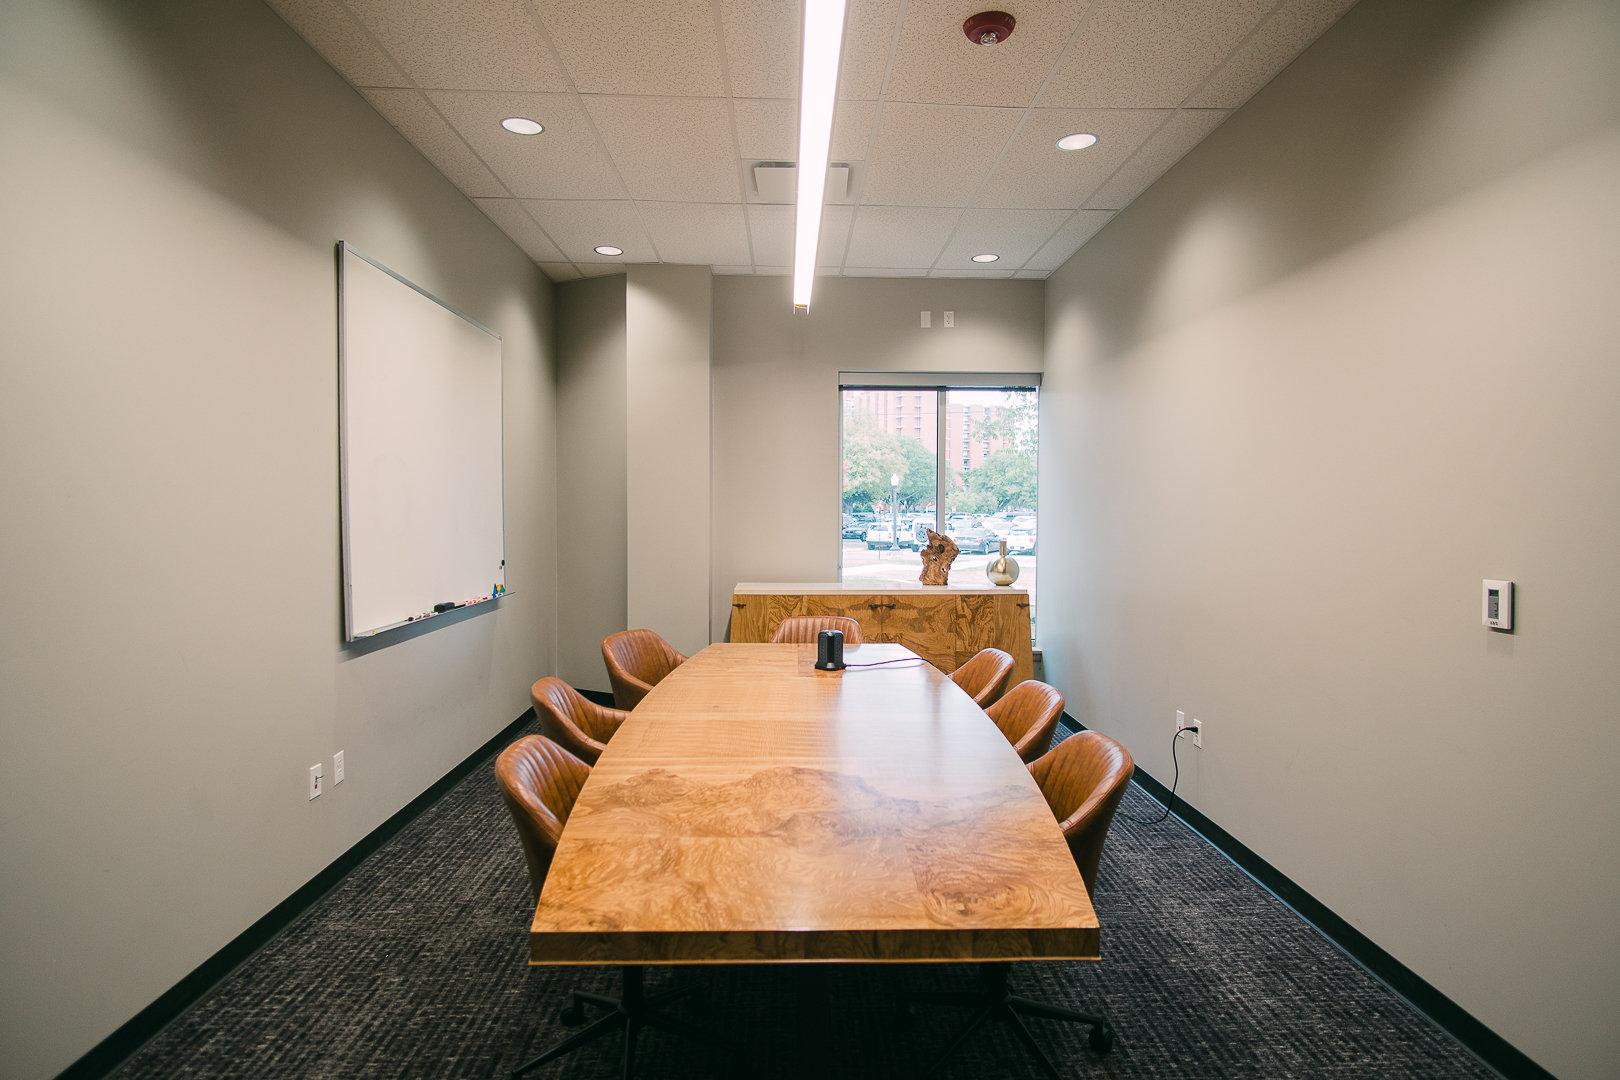 Haystack Conference Room